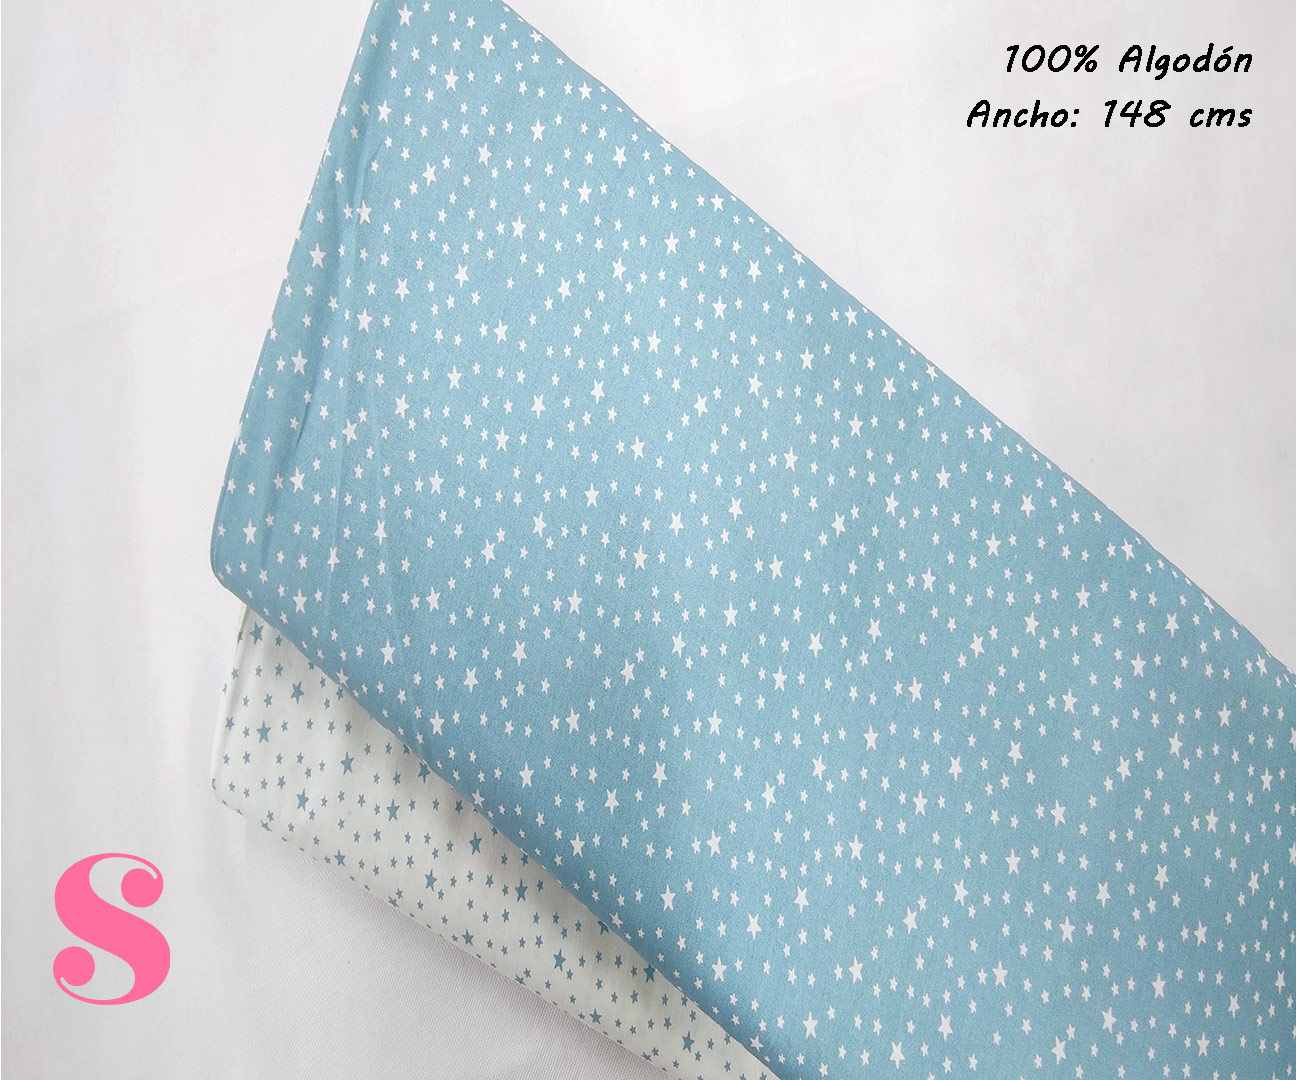 estrellitas-fondo-azul-celeste-tejidos-algodón-estampado-popelin,Tejido Estampado Estrellitas Fondo Azul Celeste